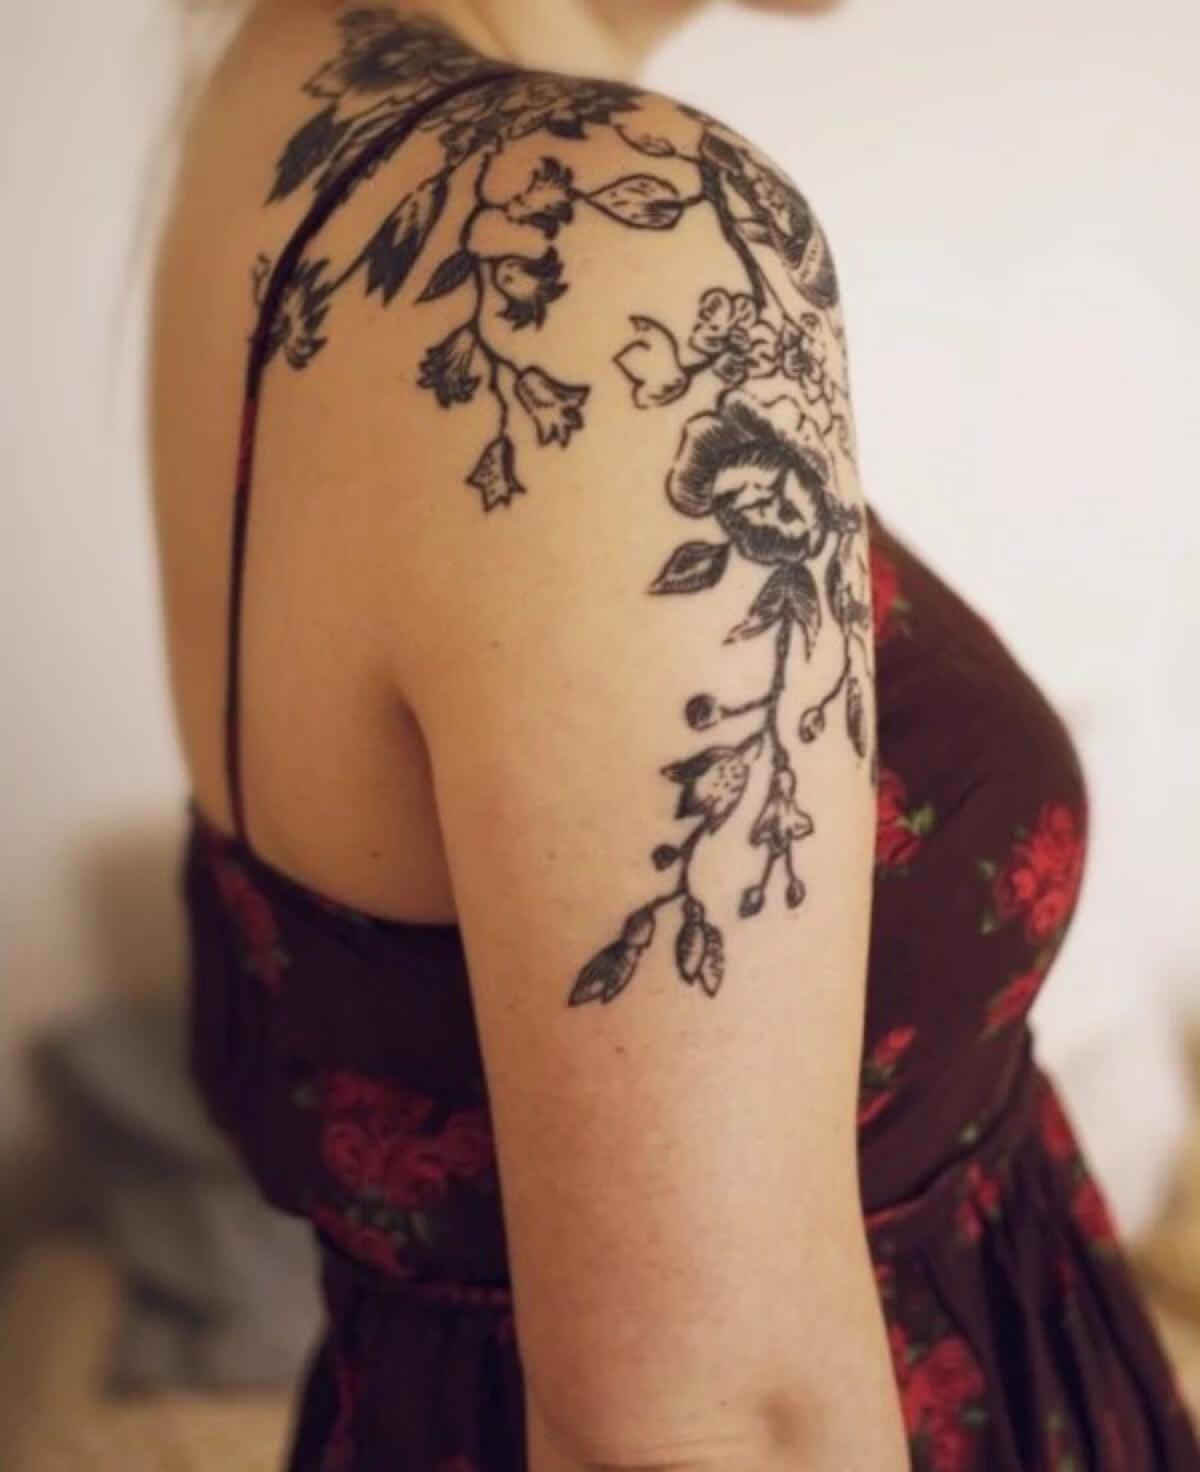 洗纹身后要注意一些什么 对身体有危害吗